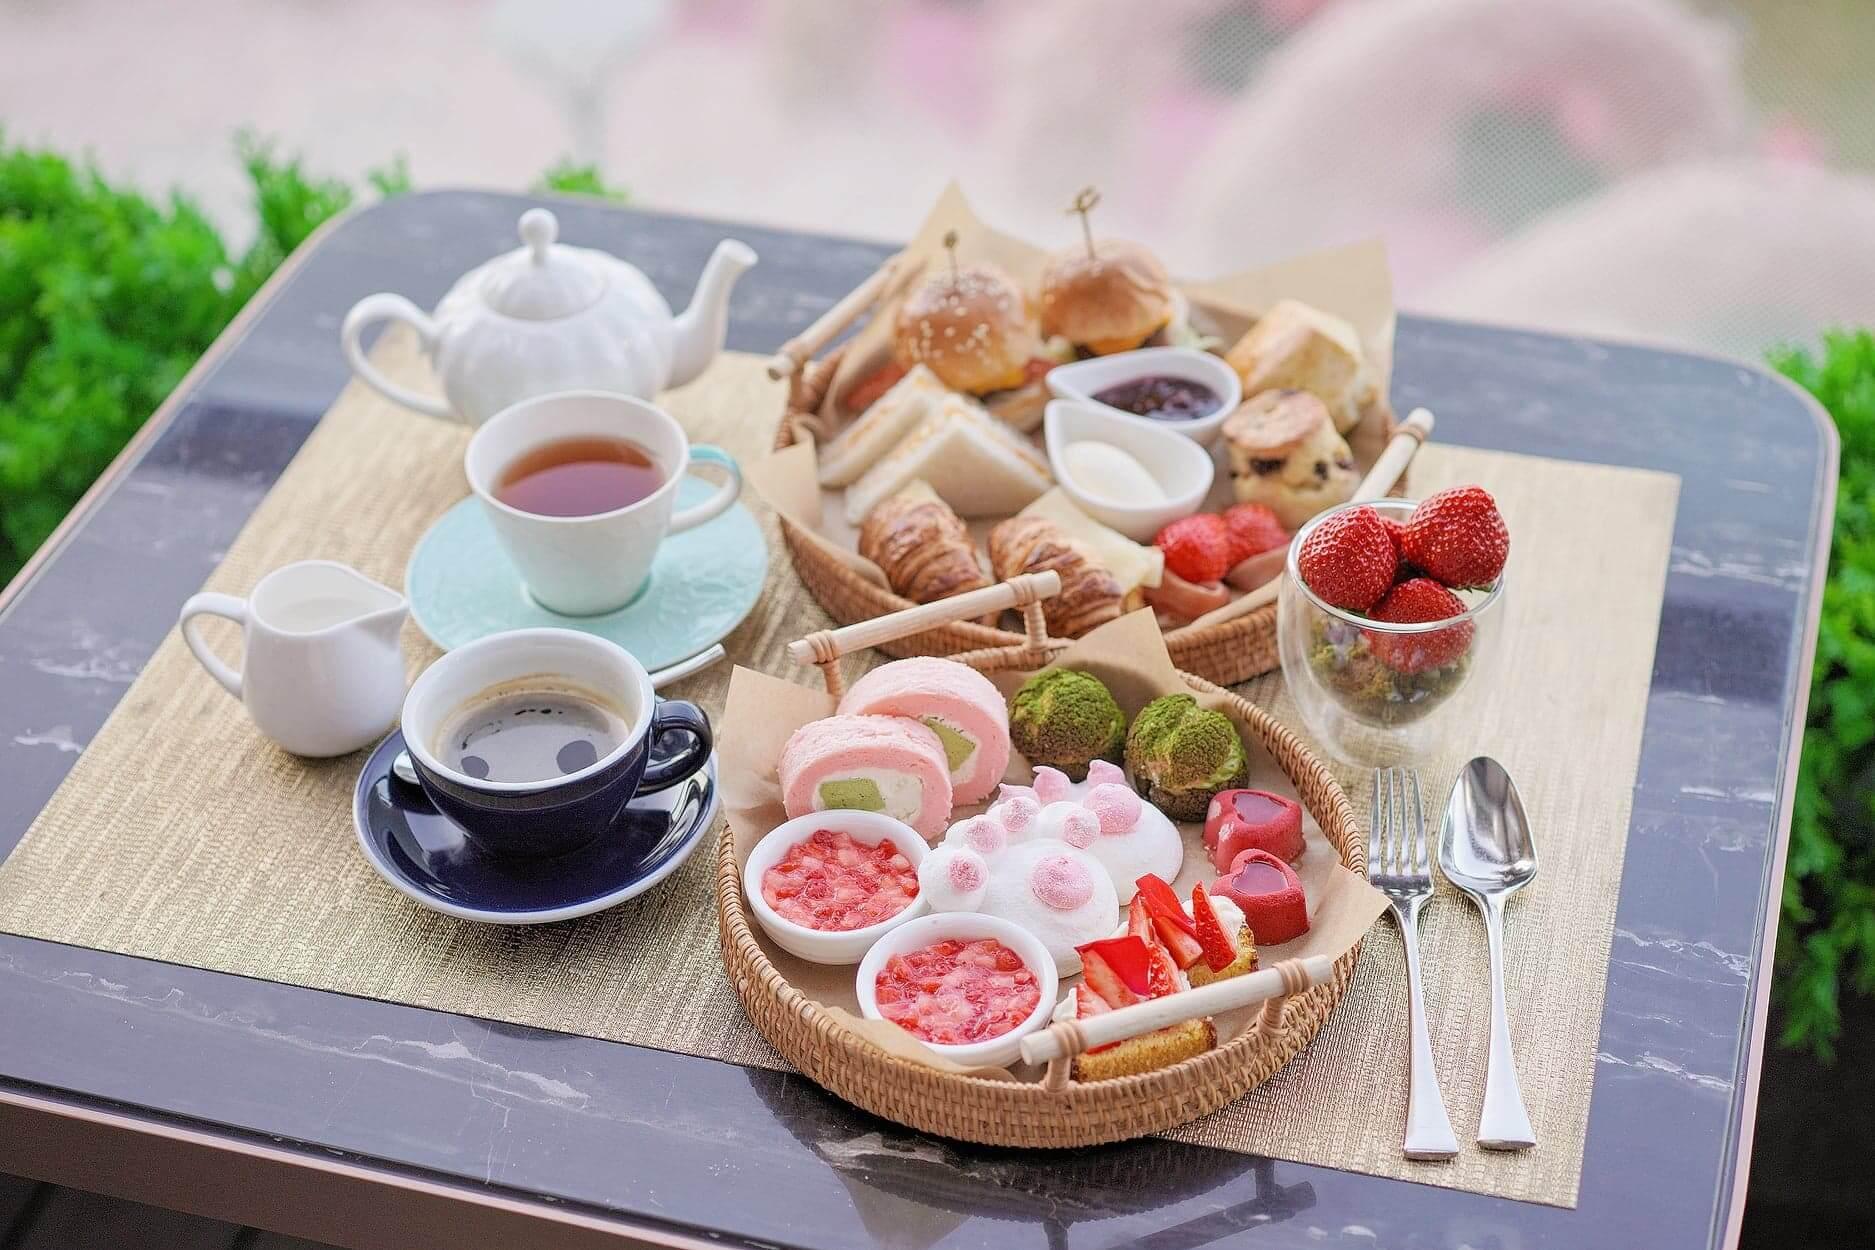 精緻嘅擺盤,戶外座位又對正粉紅花海,非常浪漫!